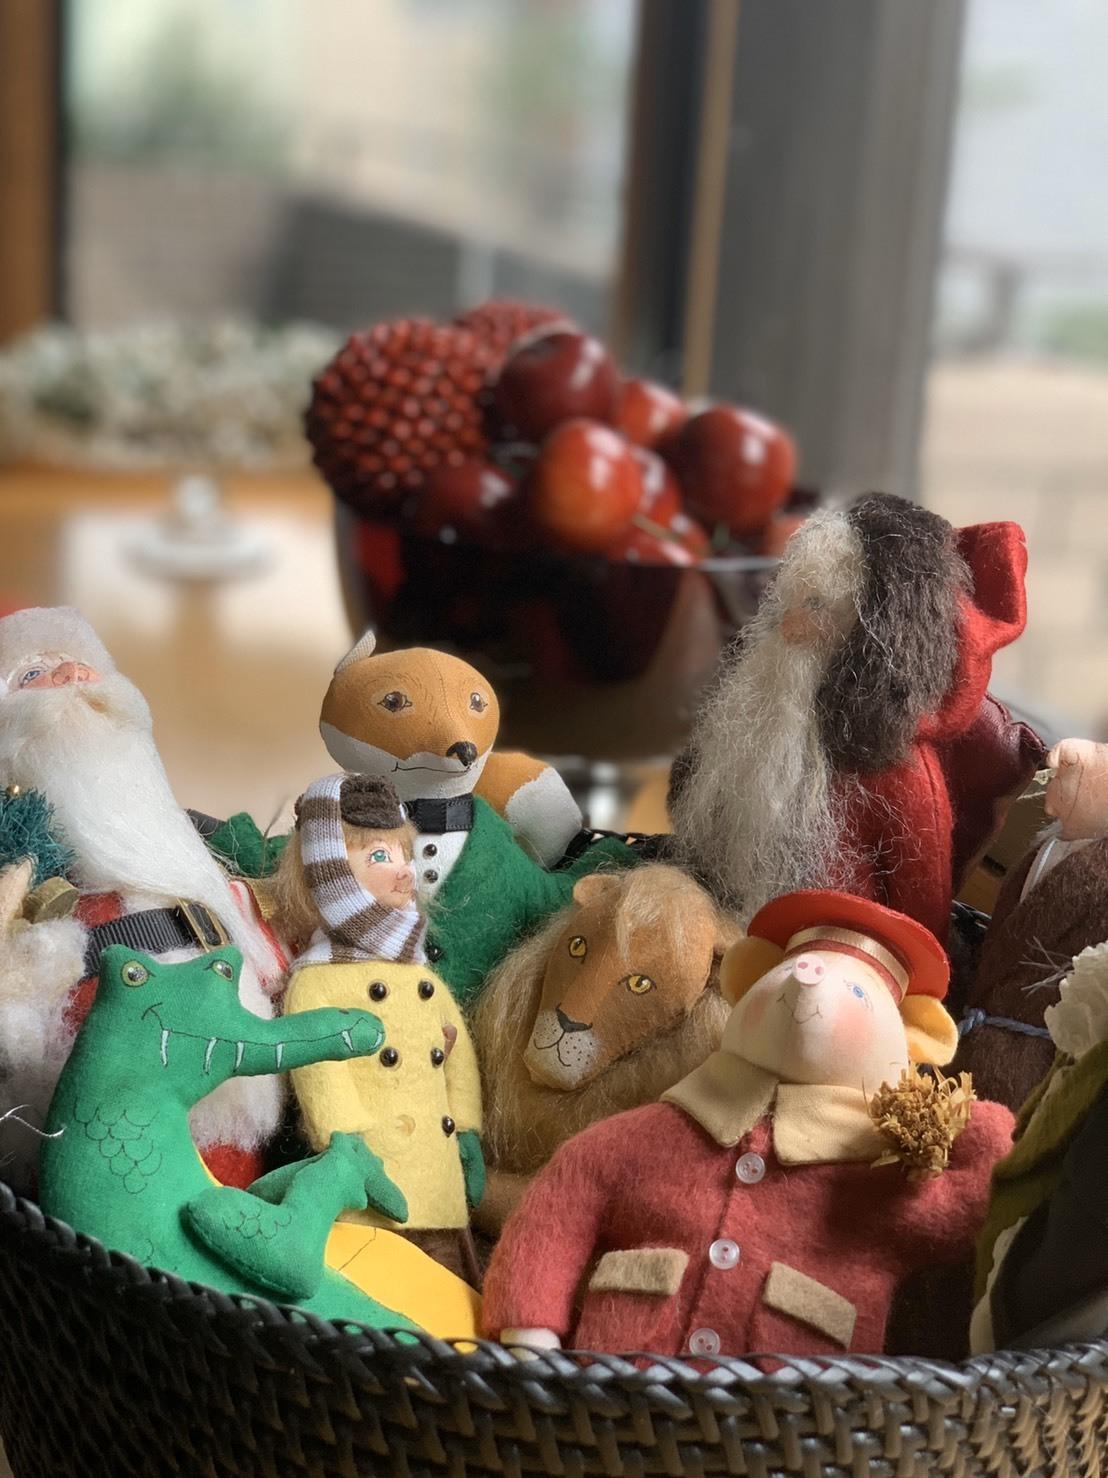 クリスマスレッスン2019 テーブルコーディネート編_c0237291_13521655.jpeg